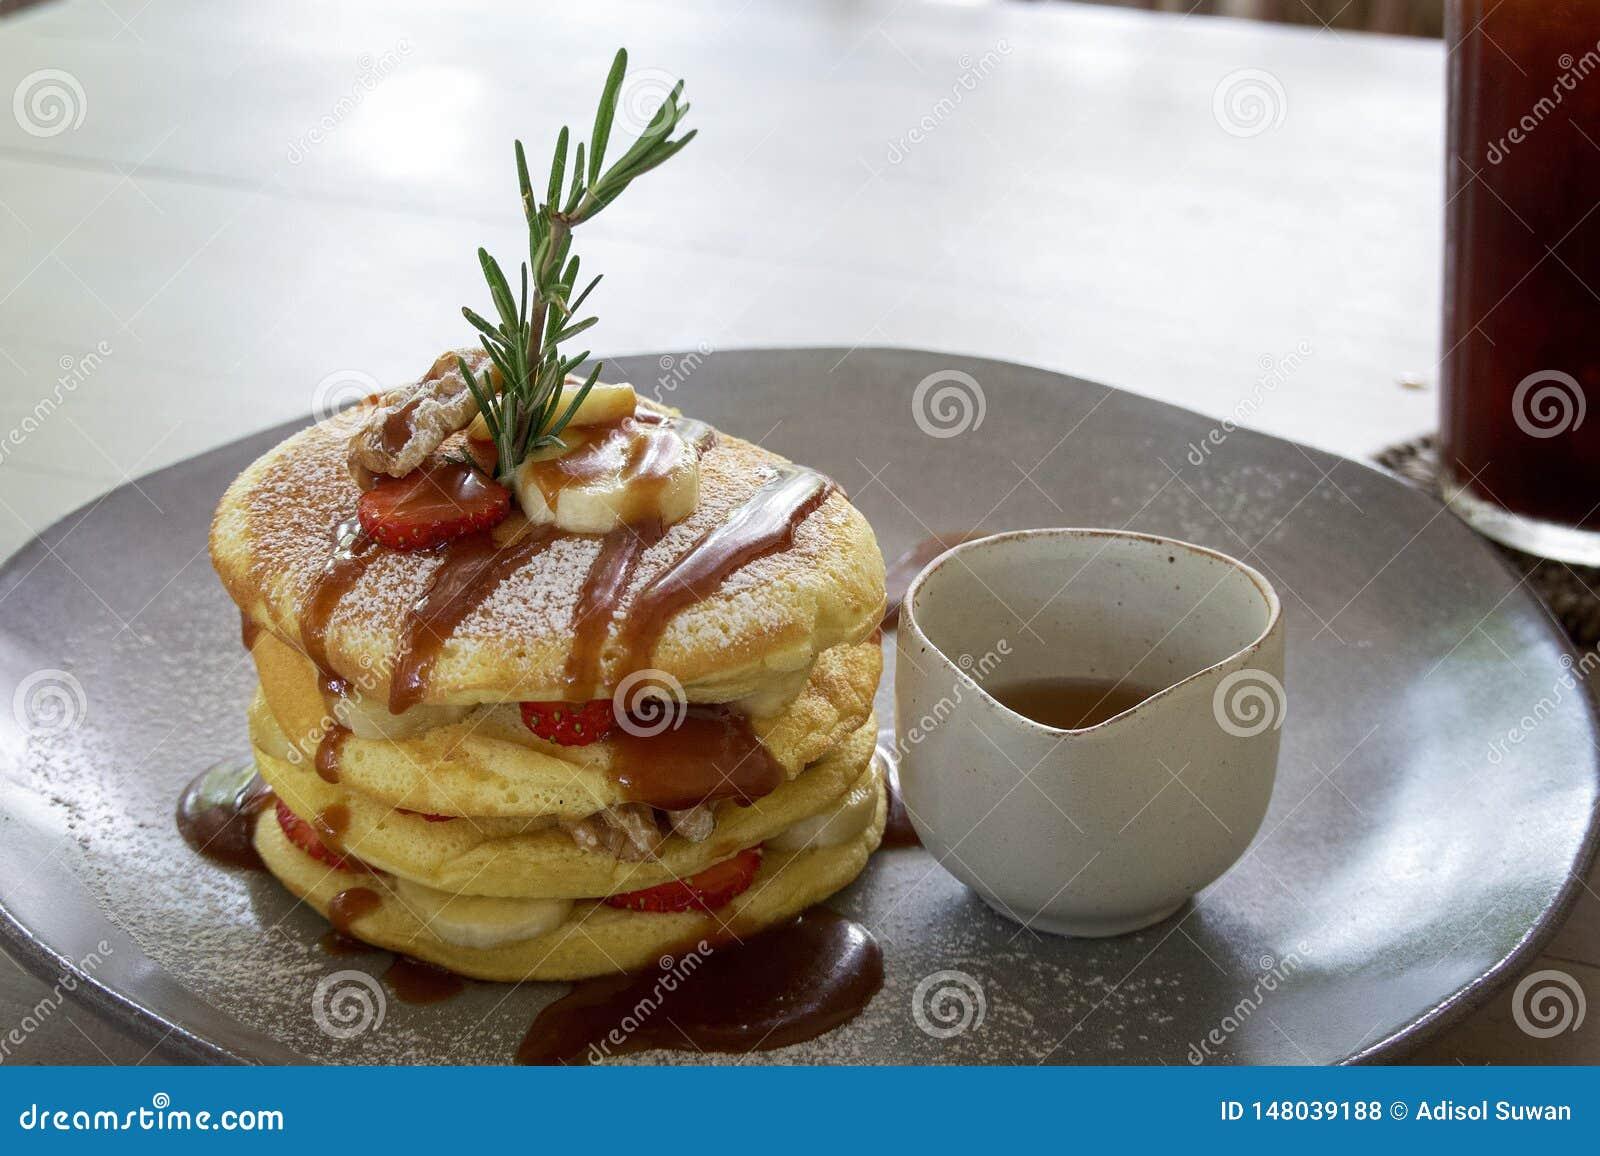 Pfannkuchen fruchtig mit Walnusssoße